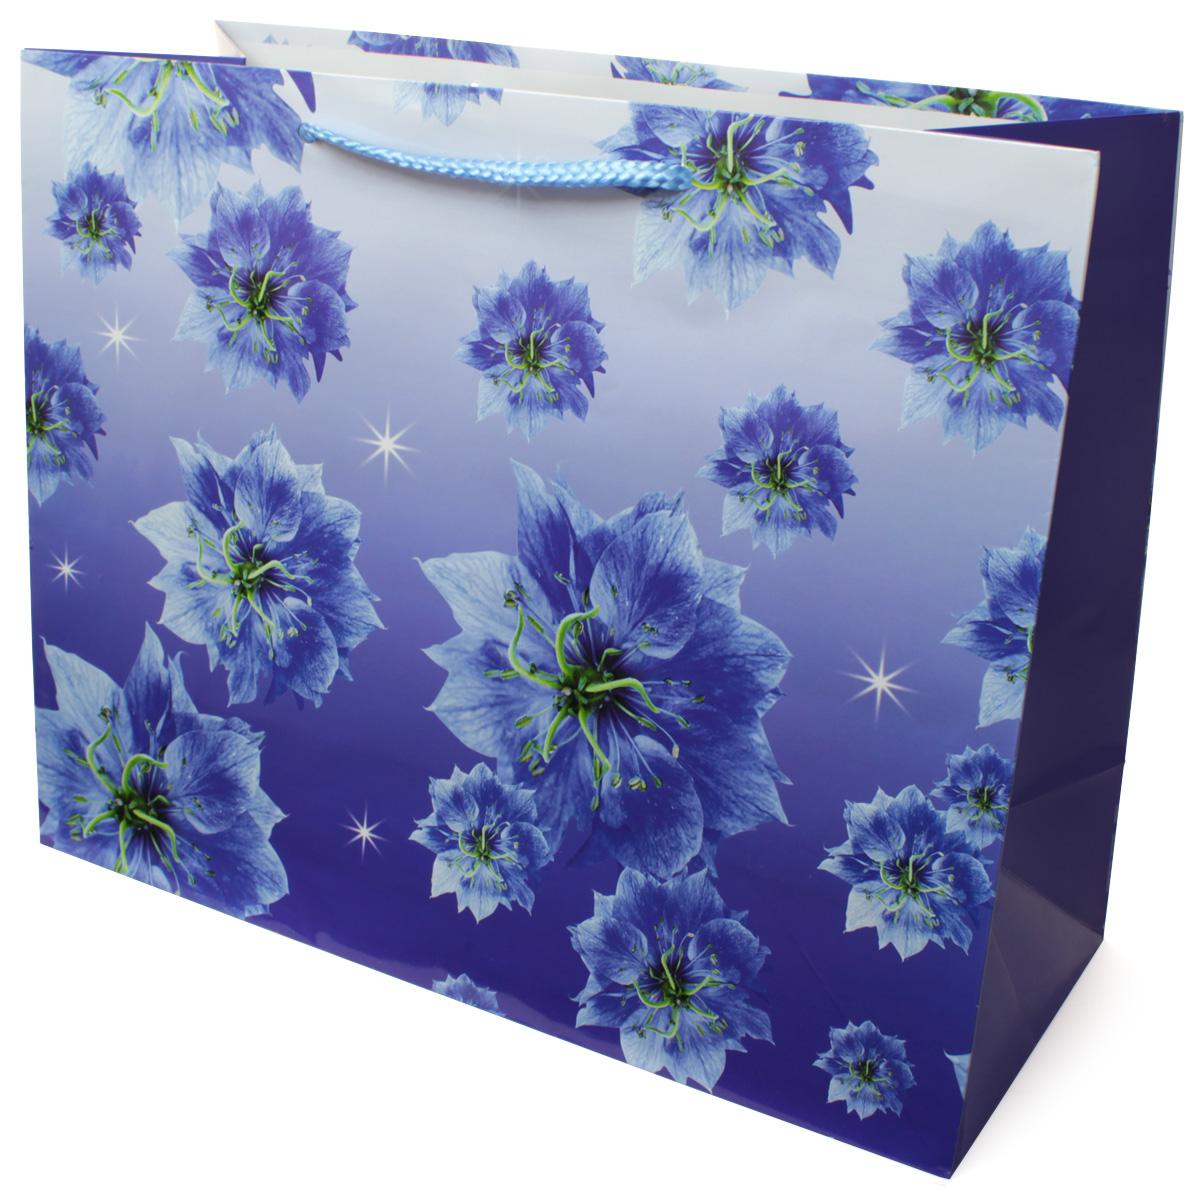 Пакет подарочный МегаМАГ Цветы, 32,7 х 26,4 х 13,6 см. 814 LH210481878Подарочный пакет МегаМАГ, изготовленный из плотной ламинированной бумаги, станет незаменимым дополнением к выбранному подарку. Для удобной переноски на пакете имеются ручки-шнурки.Подарок, преподнесенный в оригинальной упаковке, всегда будет самым эффектным и запоминающимся. Окружите близких людей вниманием и заботой, вручив презент в нарядном, праздничном оформлении.